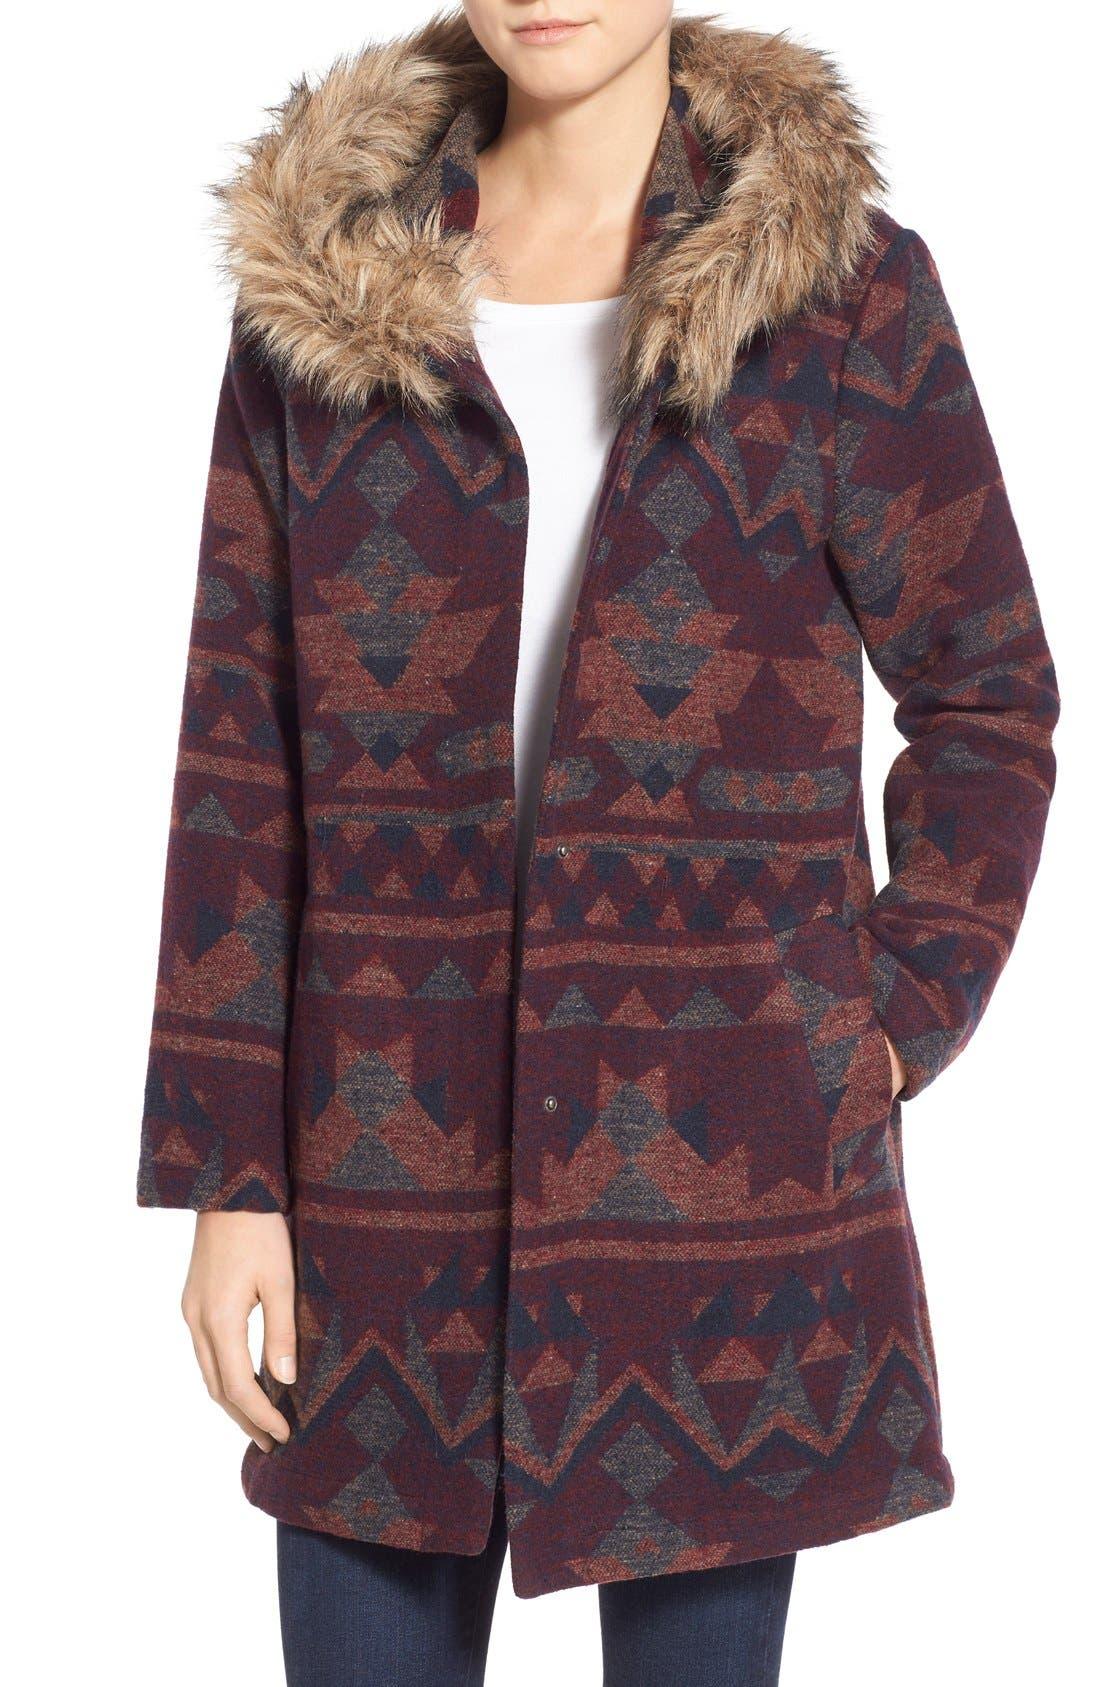 Alternate Image 1 Selected - BB Dakota Faux Fur Trim Print Hooded Coat